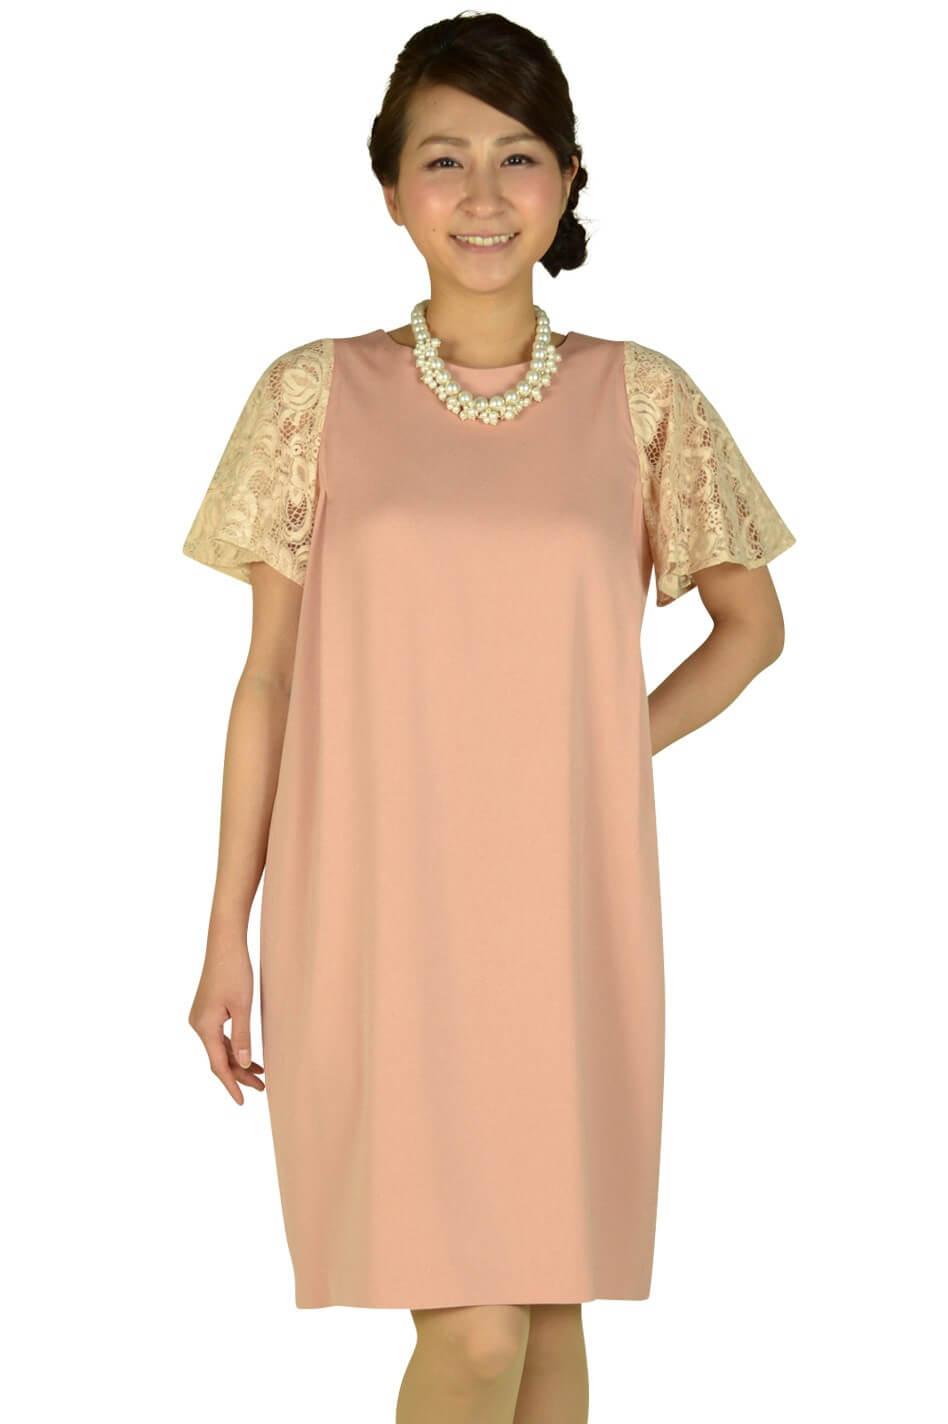 デミルクス ビームス (Demi-Luxe BEAMS) ジョーゼットピンク袖レースドレス